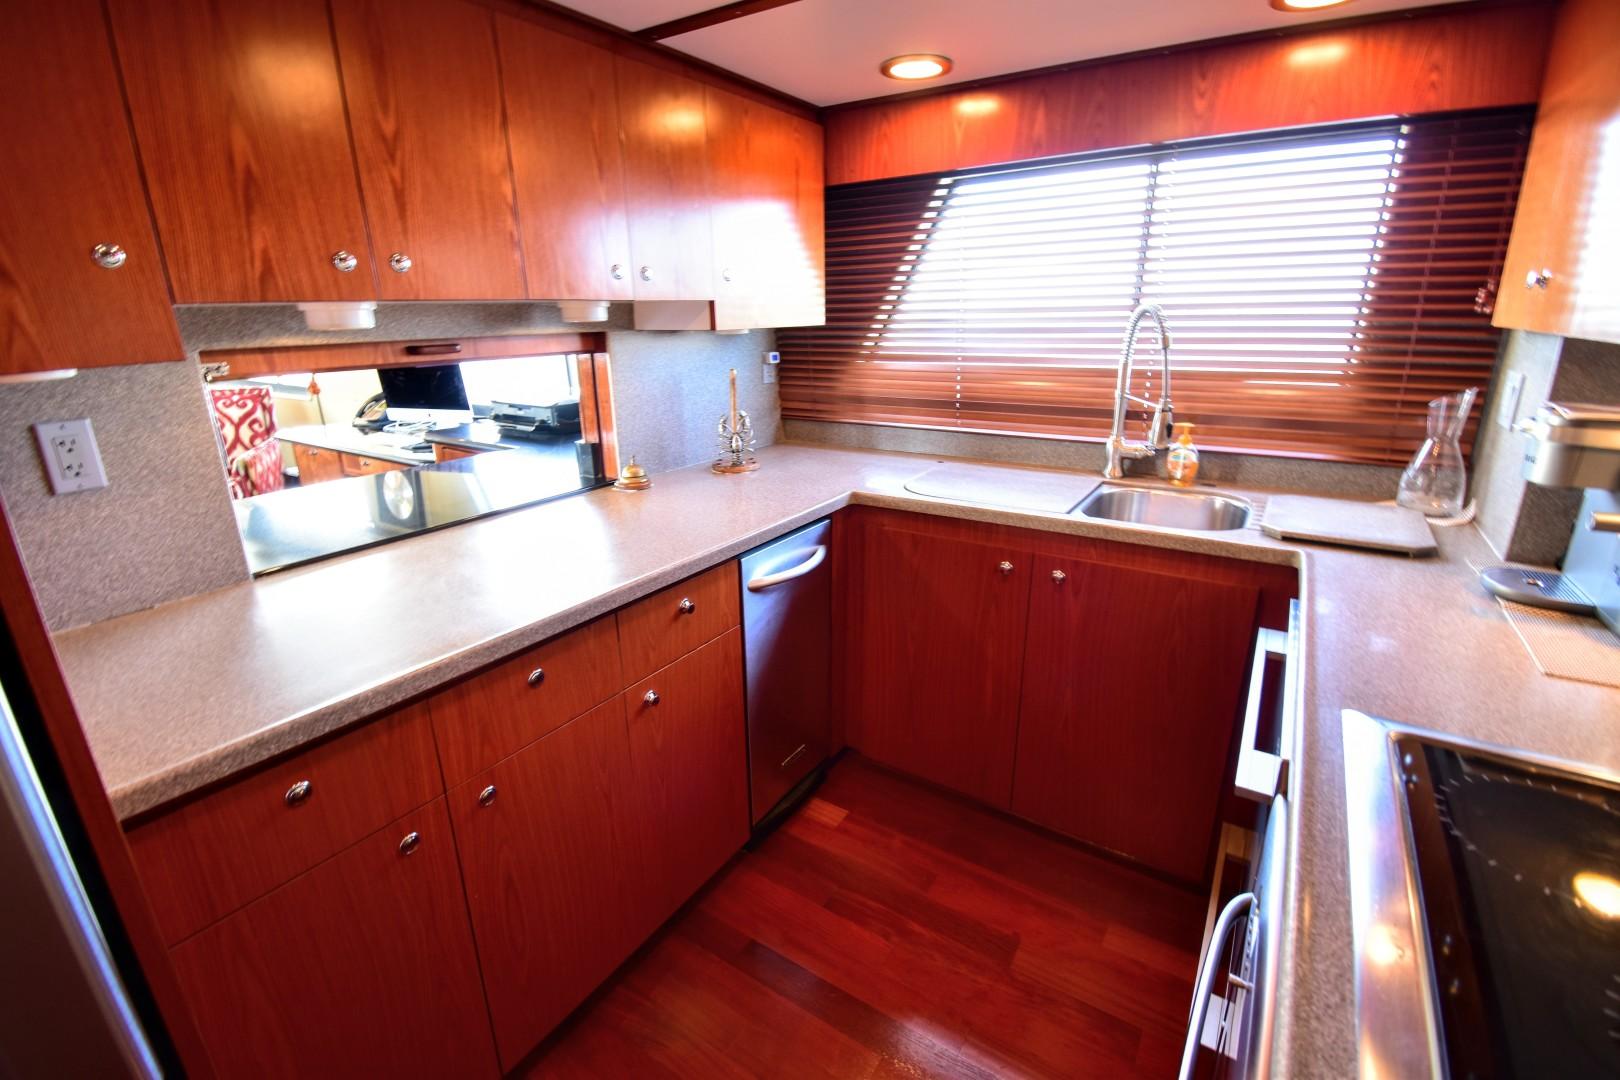 Hatteras-82 Cockpit Motor Yacht 1985-Papillon Seabrook-Texas-United States-Hatteras Motor Yacht 1985 Papillon-1345382 | Thumbnail